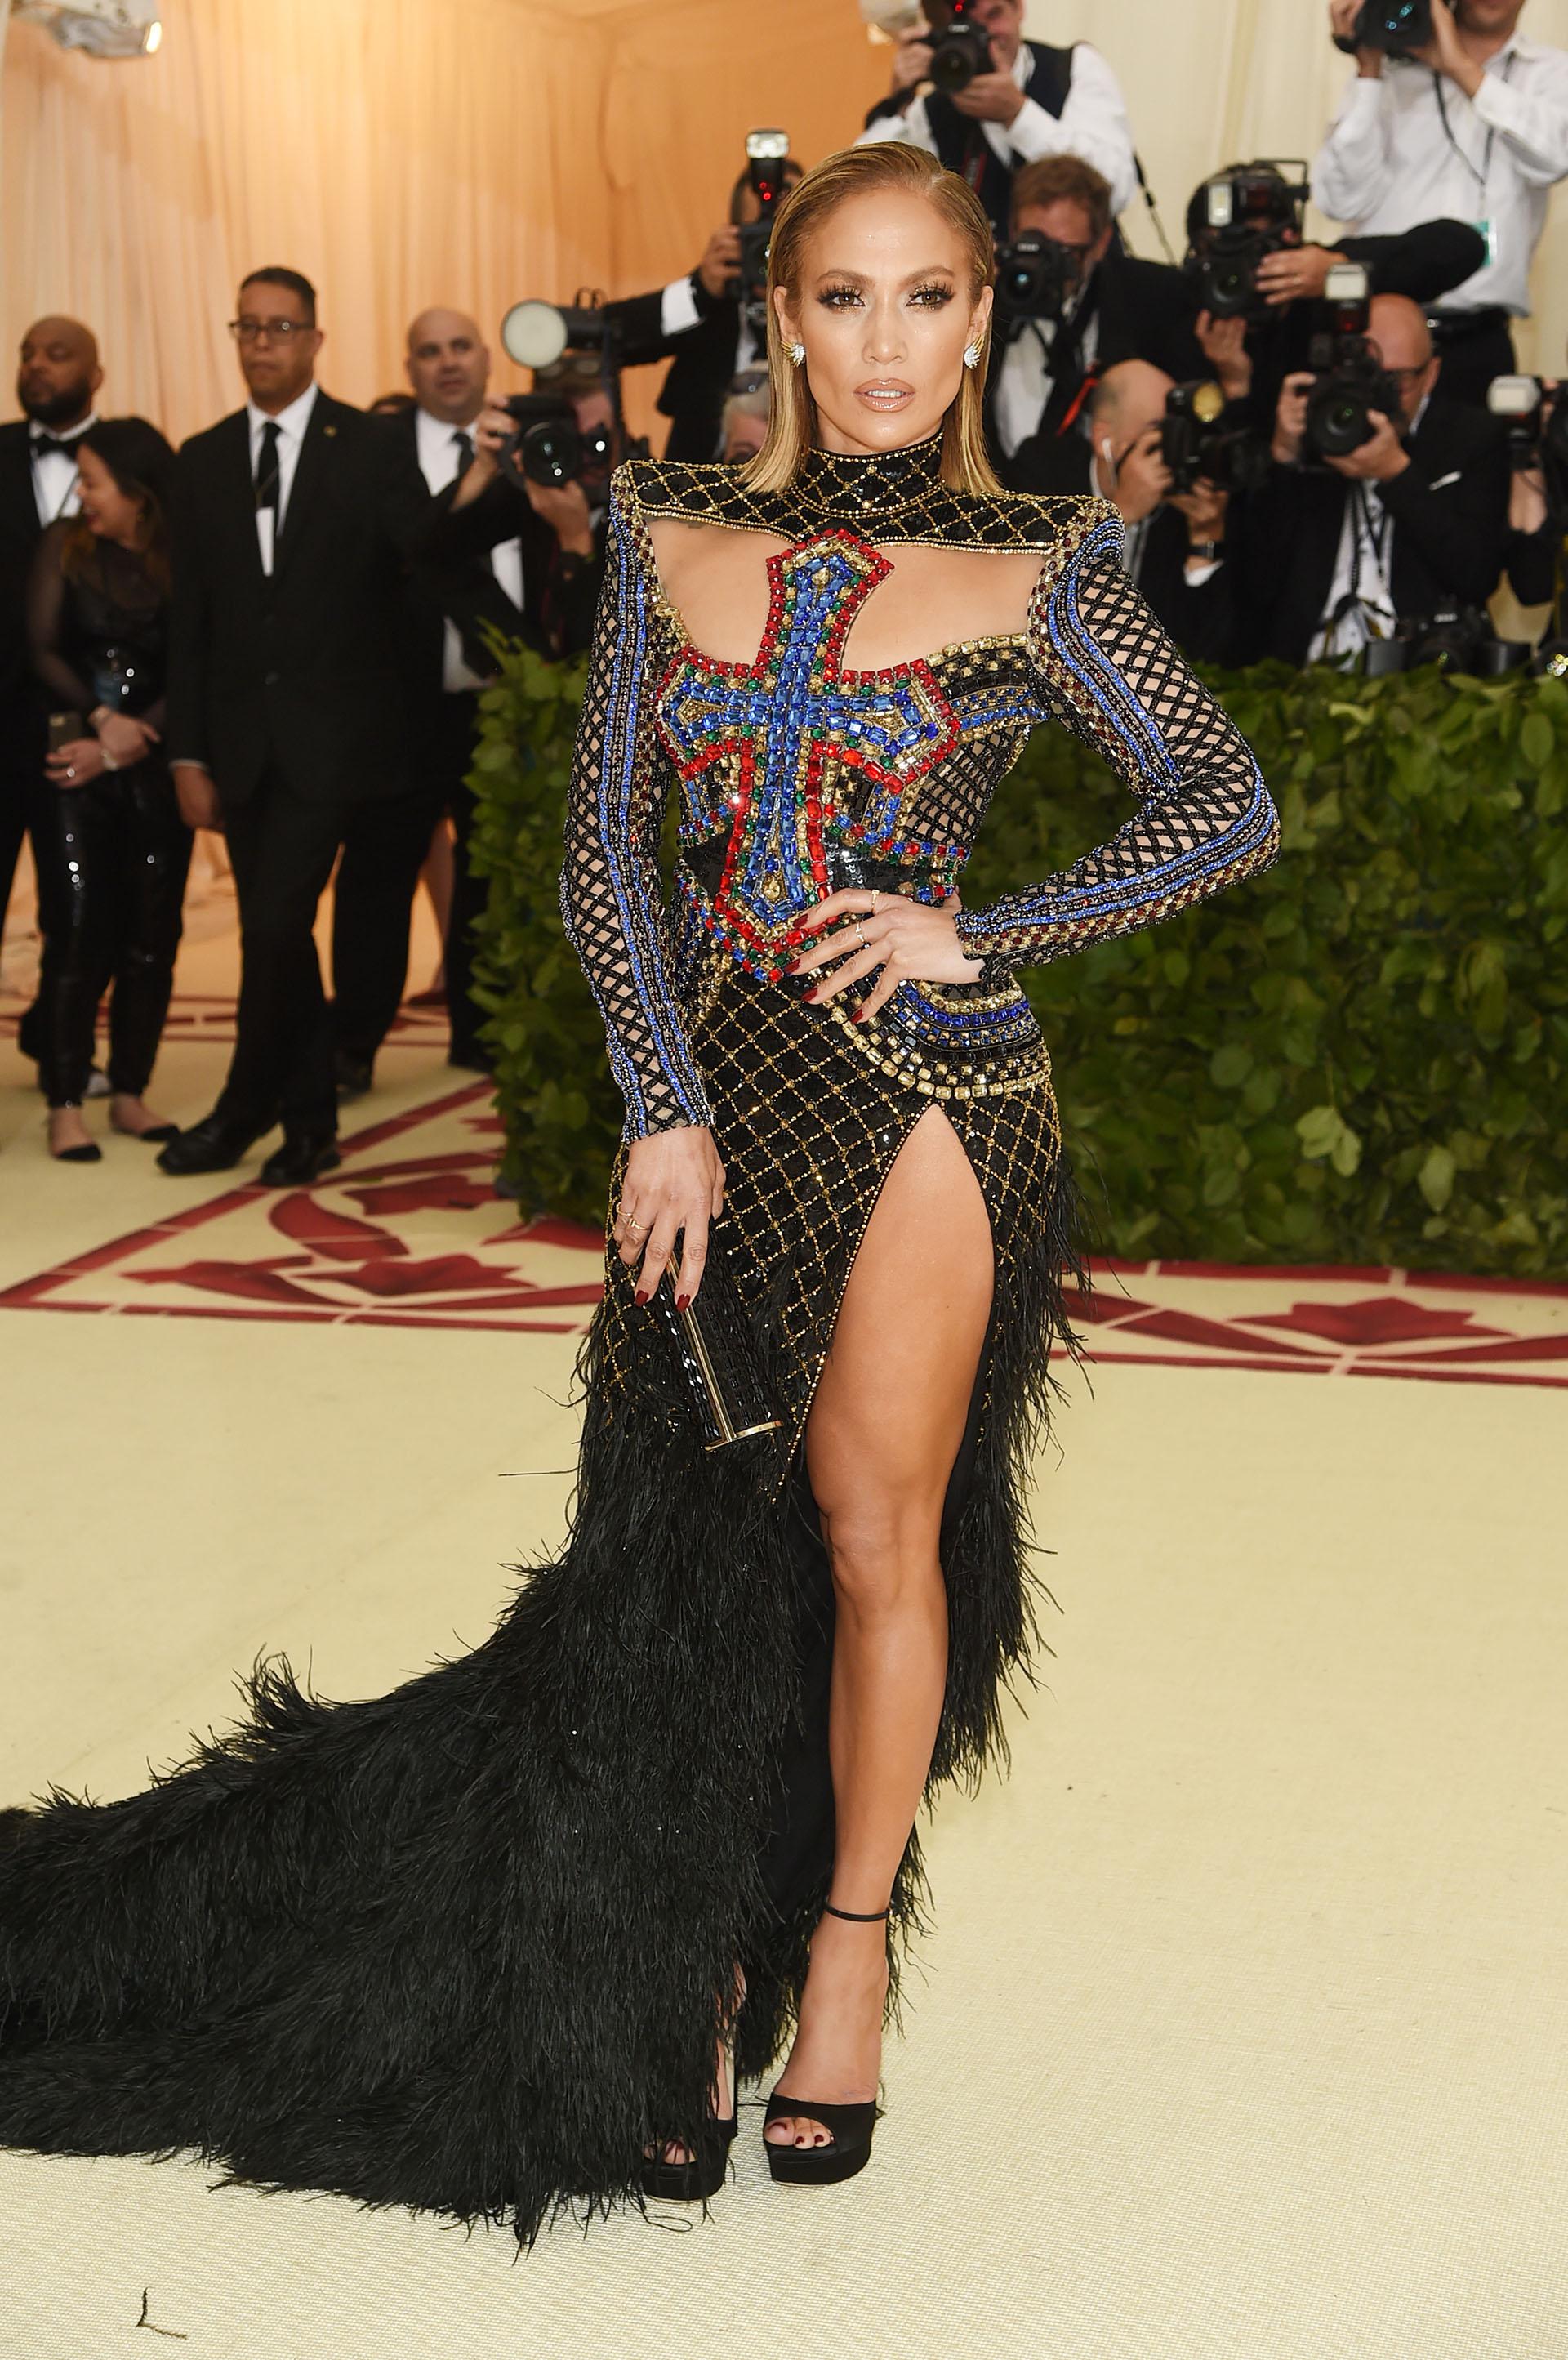 Jennifer Lopez, también respetó todas las claves de la temática. Balmain fue el responsable del diseño asimetricó que incluyó piedras, plumas y brillo